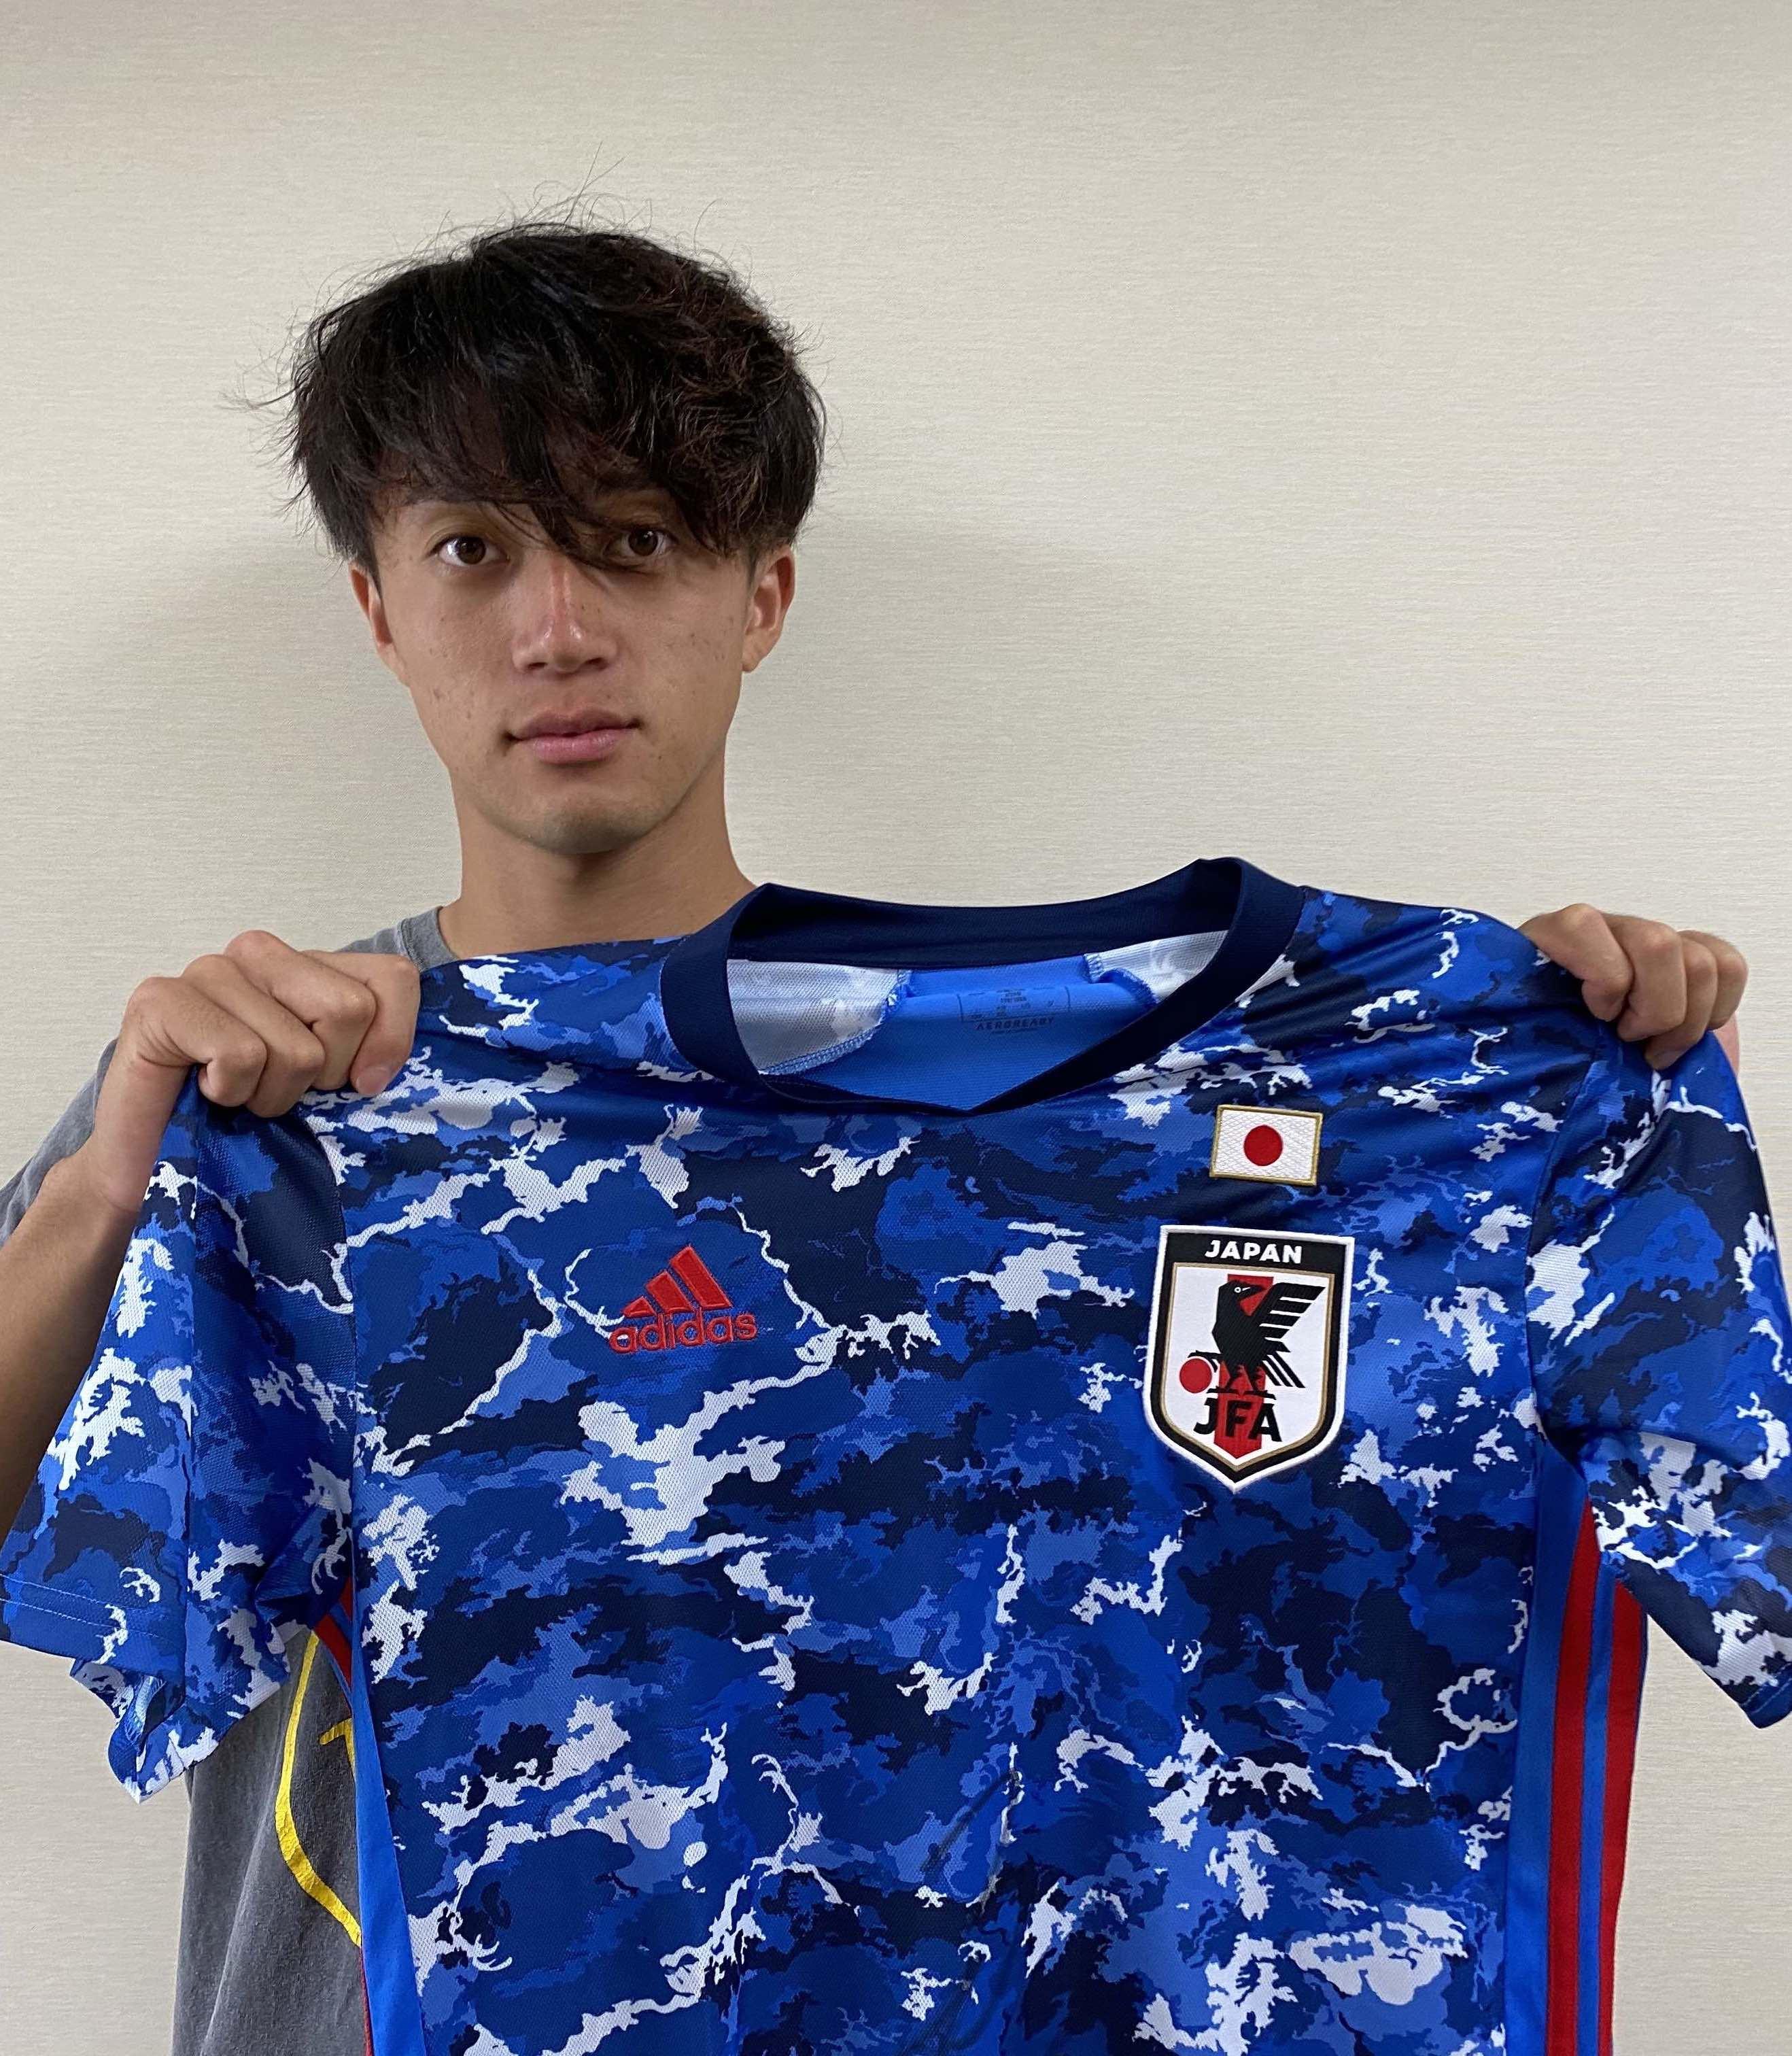 【直筆サイン入り公式】U-23日本代表 岡野 洵 選手(ジェフユナイテッド千葉)